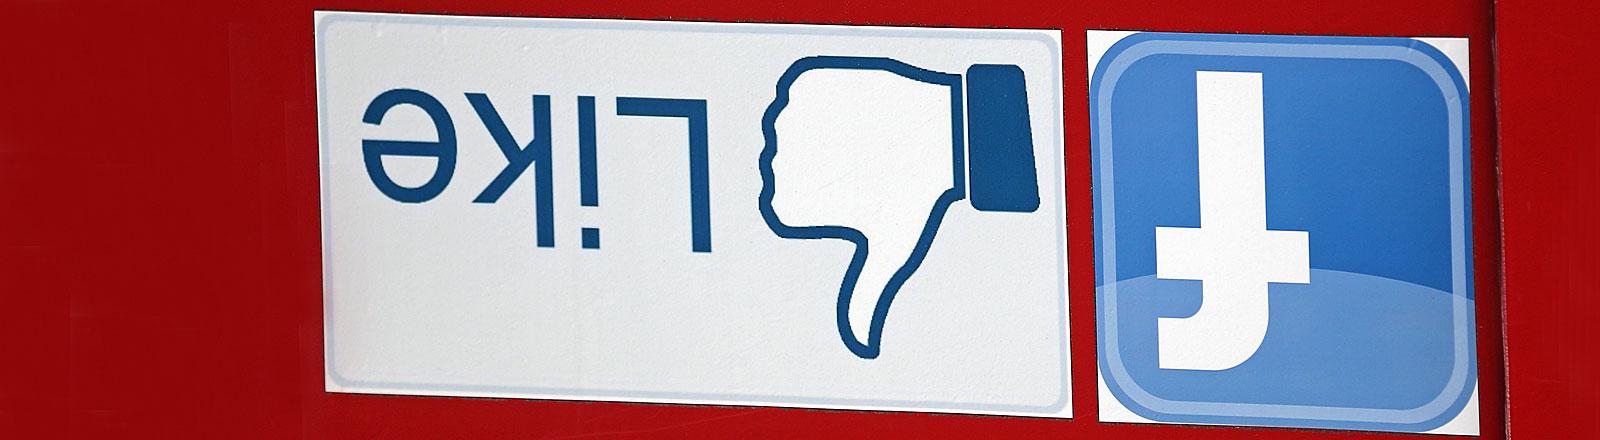 """Der Facebook-Daumen """"I like"""" zeigt in die entgegengesetzte Richtung."""